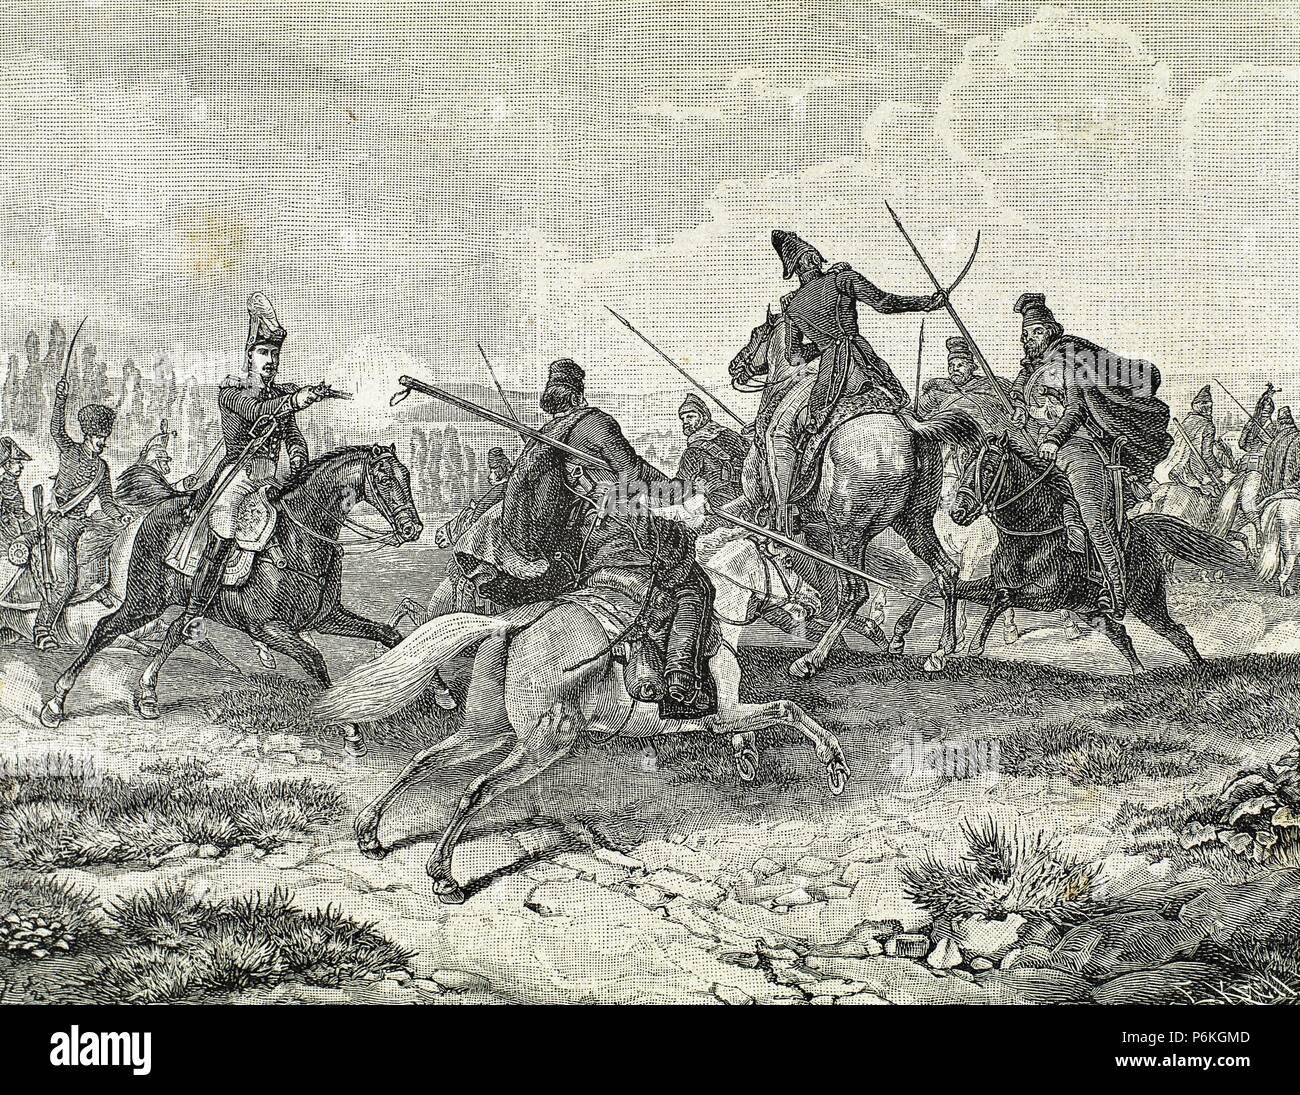 Napoleonische Kriege. Kampf in Russland. Kosaken gegen französische Armee. Kupferstich, 19. Jahrhundert. Stockfoto